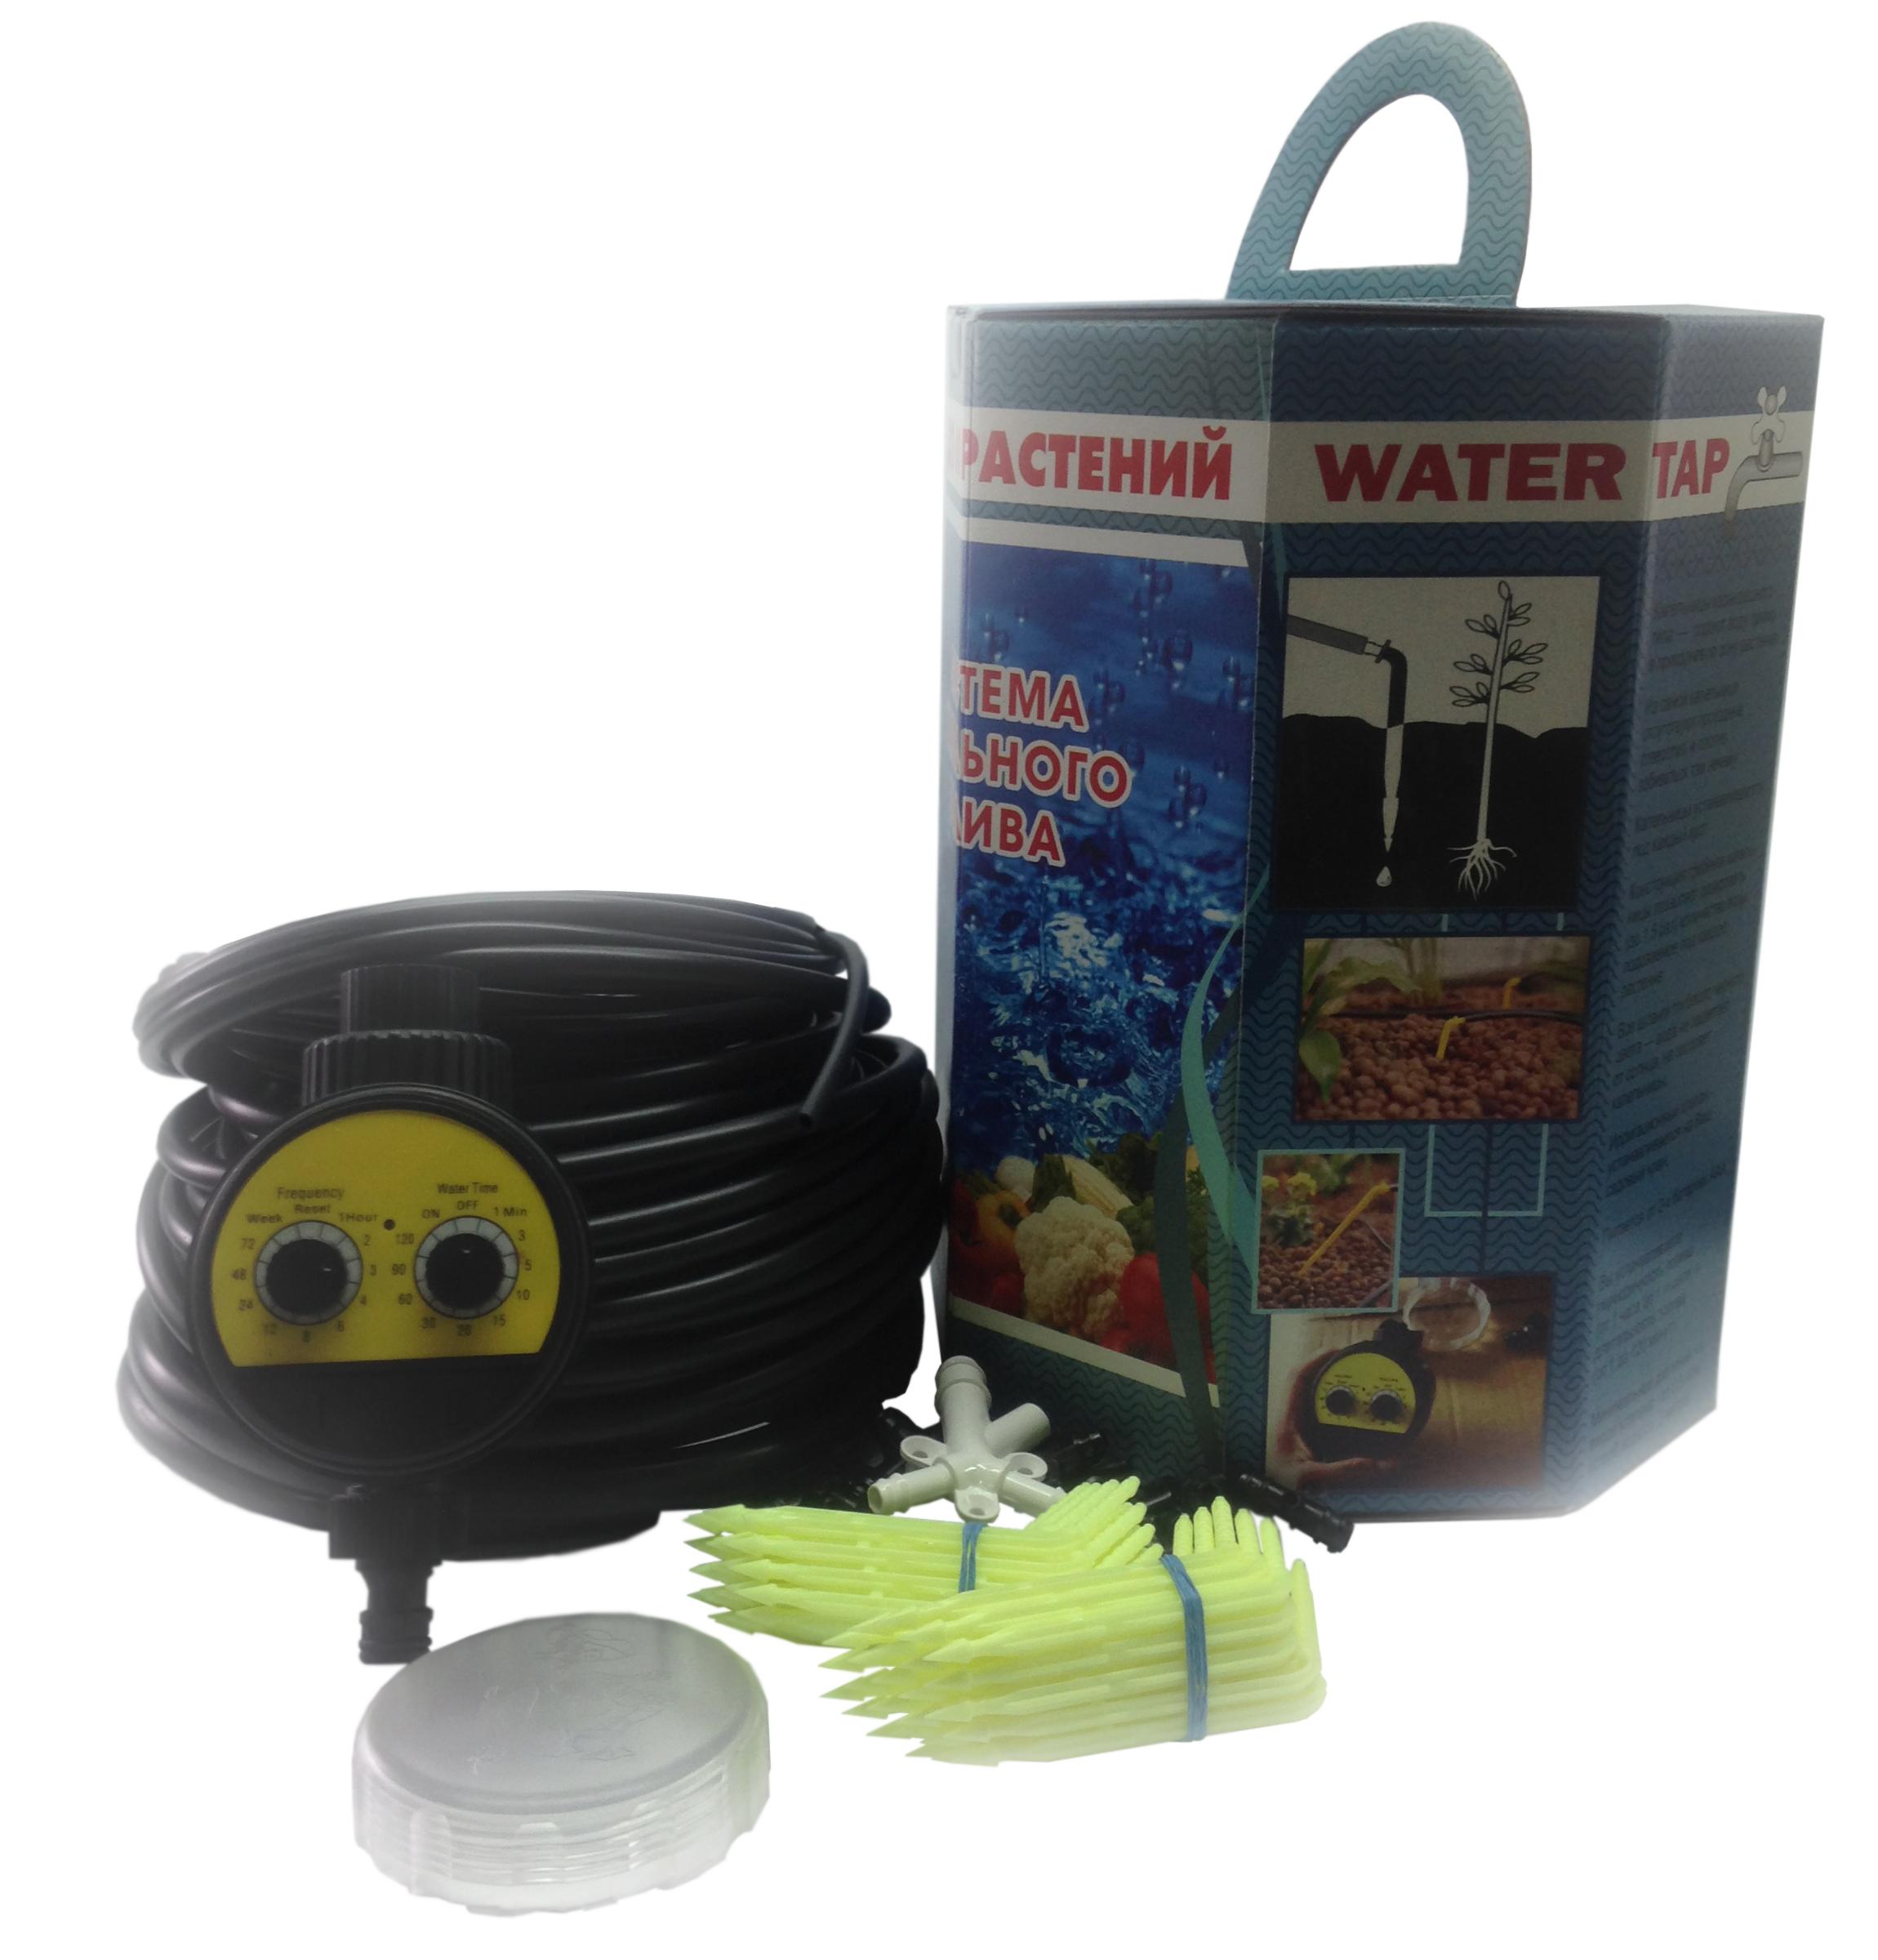 Купить АкваДуся +60 WaterTap автомат на кран